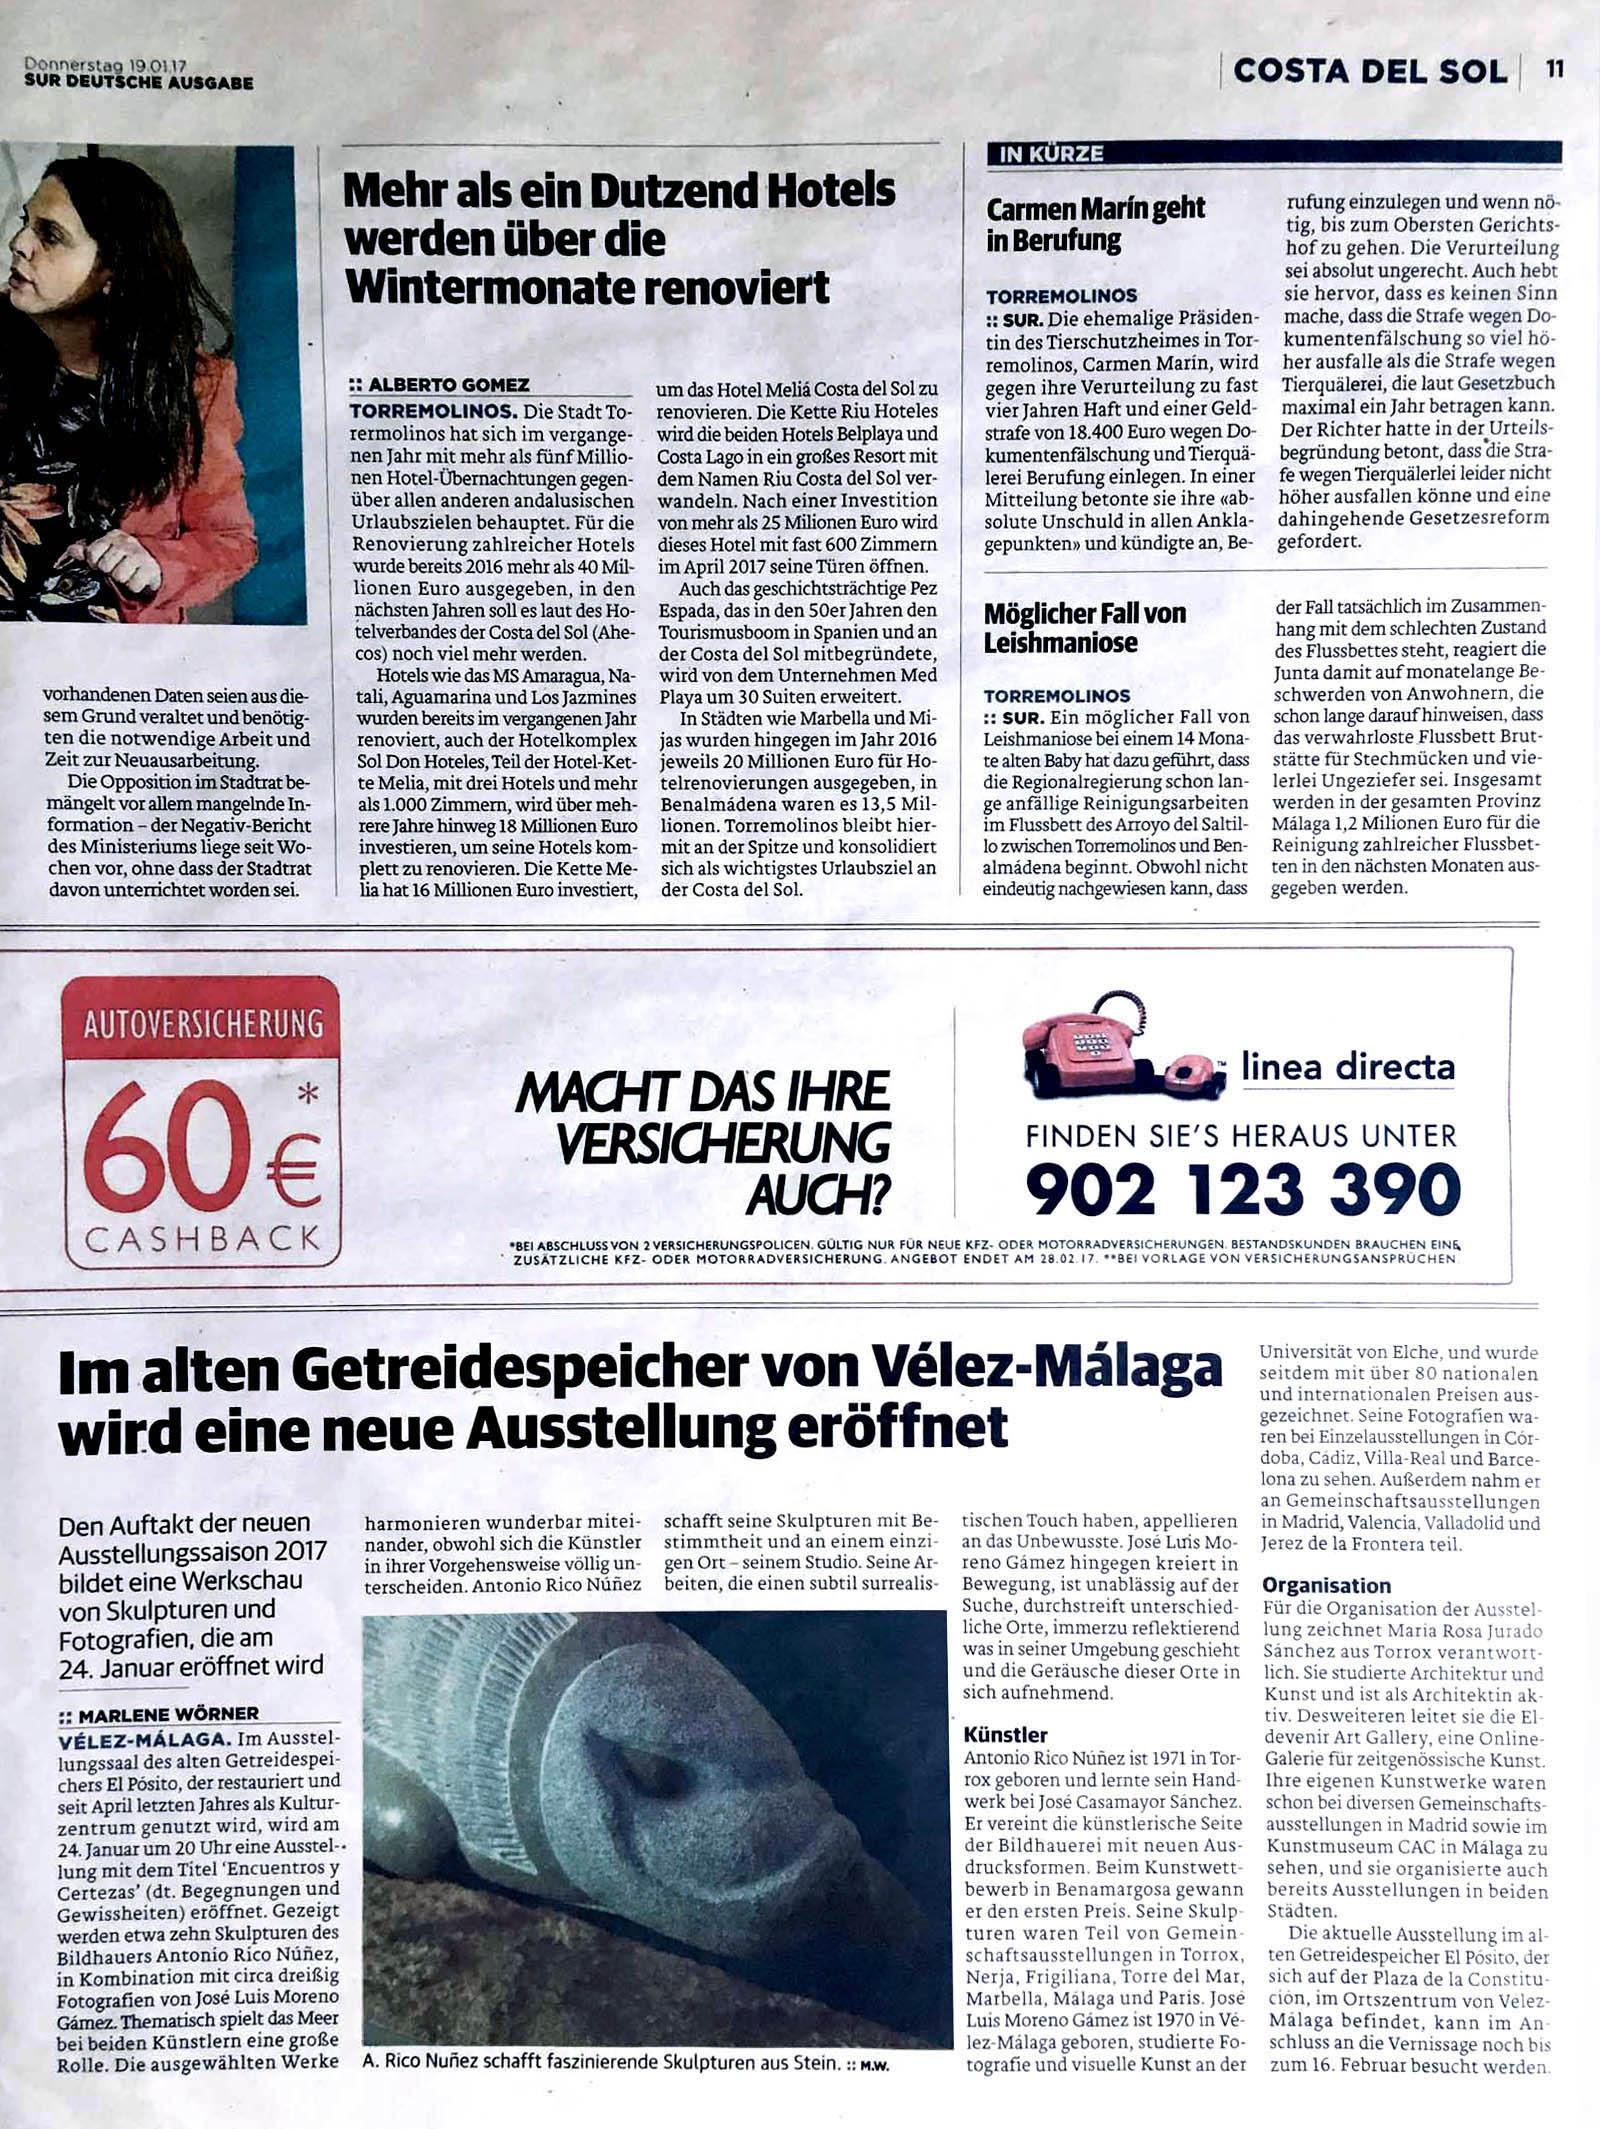 pagina-completa-eldevenir-art-gallery-prensa-diario-sur-aleman-encuentros-y-certezas.jpg